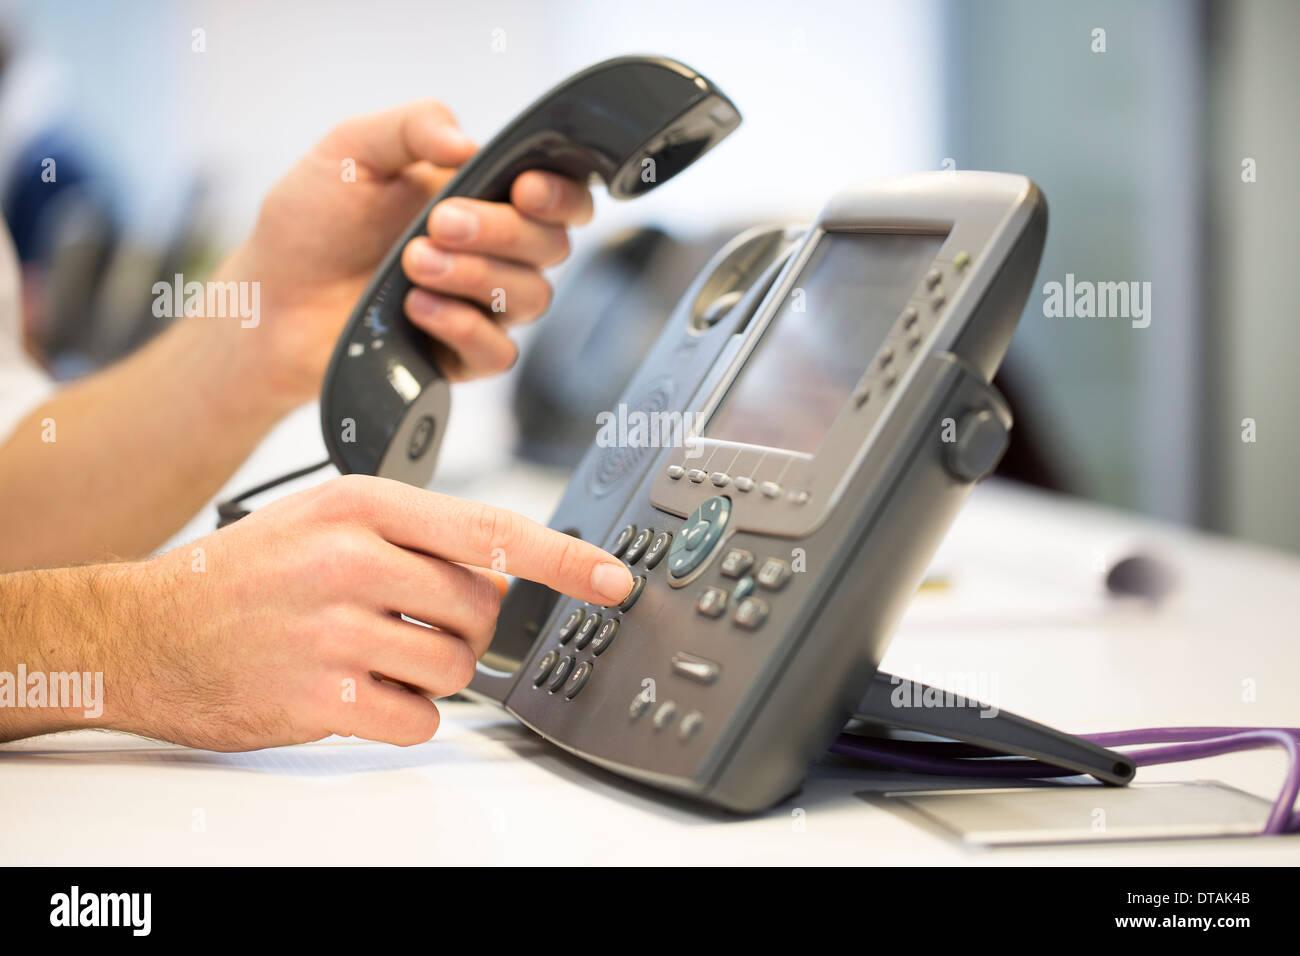 Nahaufnahme der Hände Geschäftsmann nehmen Sie das Telefon an den Haken im Büro Stockbild